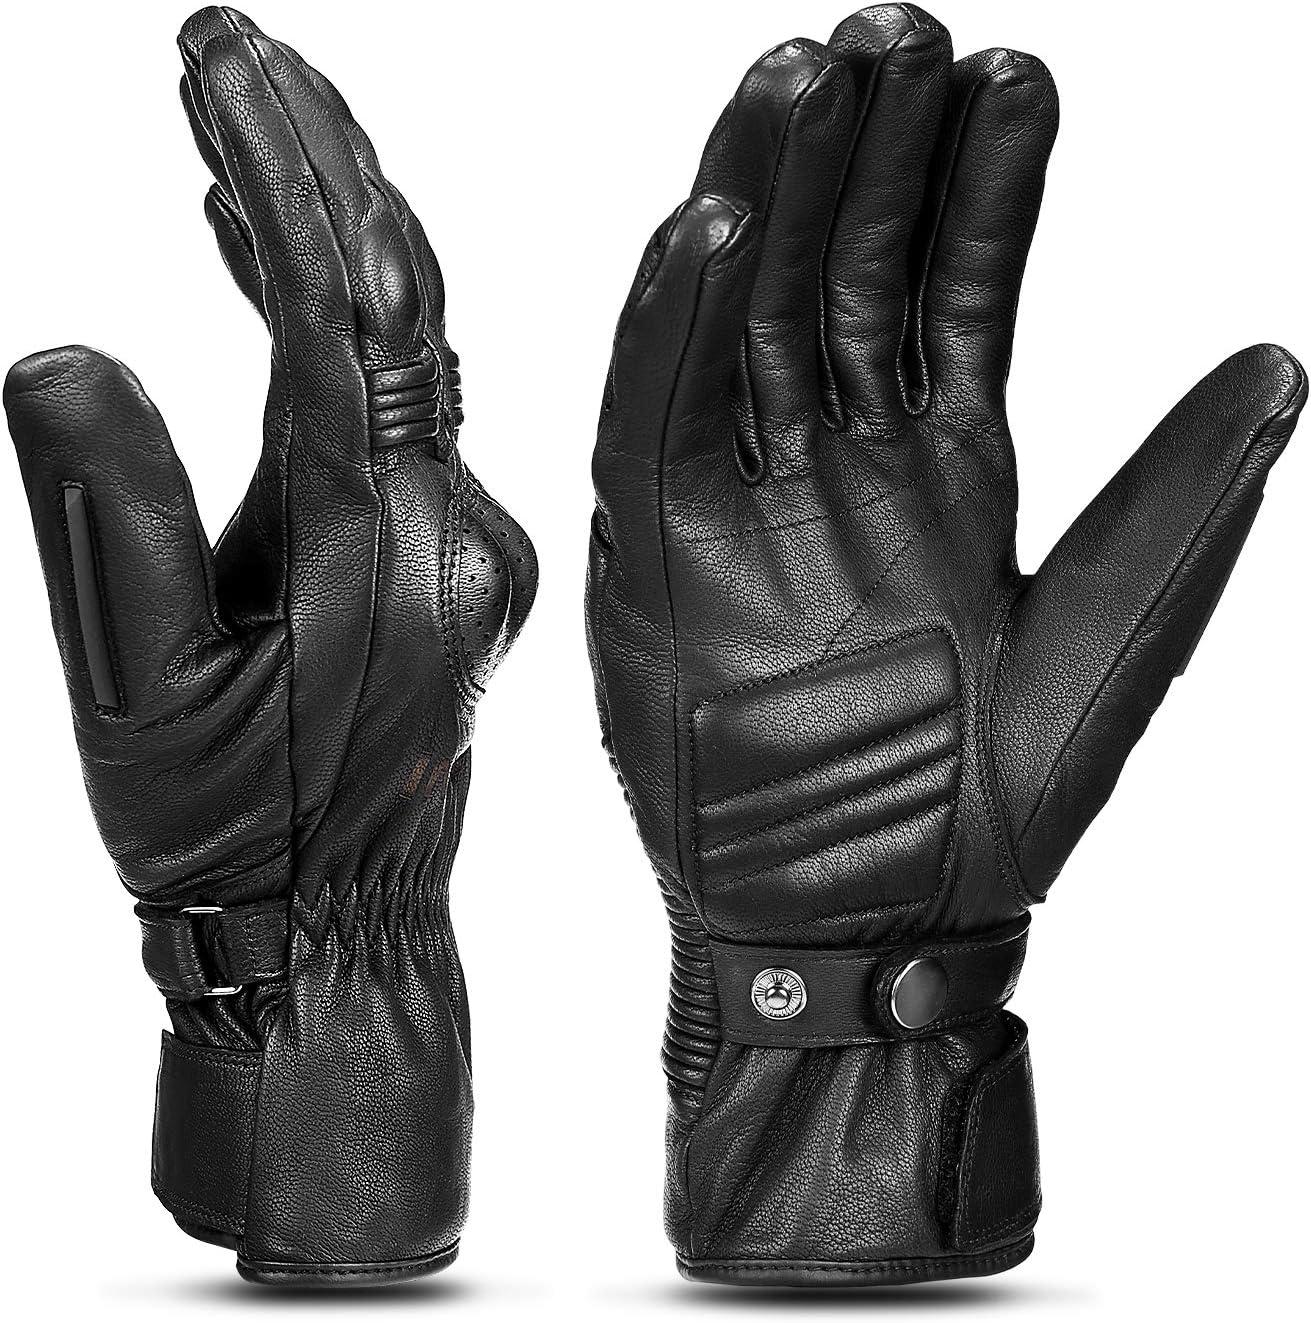 INBIKE Motorrad Handschuhe Winter 100/% Ziegenleder Motorradhandschuhe Mit 250g//㎡ Thinsulate